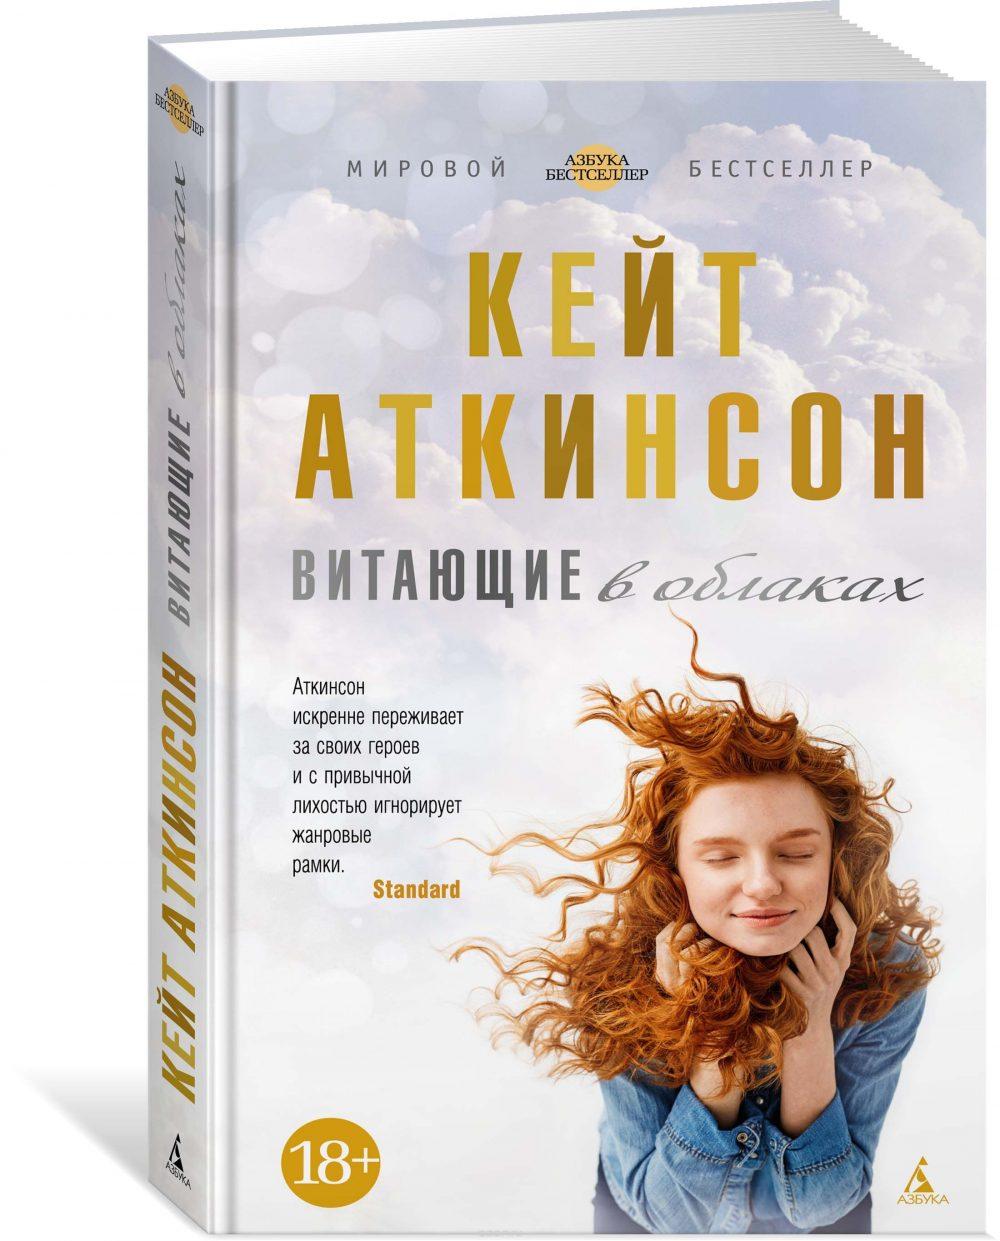 keit-atkinson-vitaushie-v-oblakah